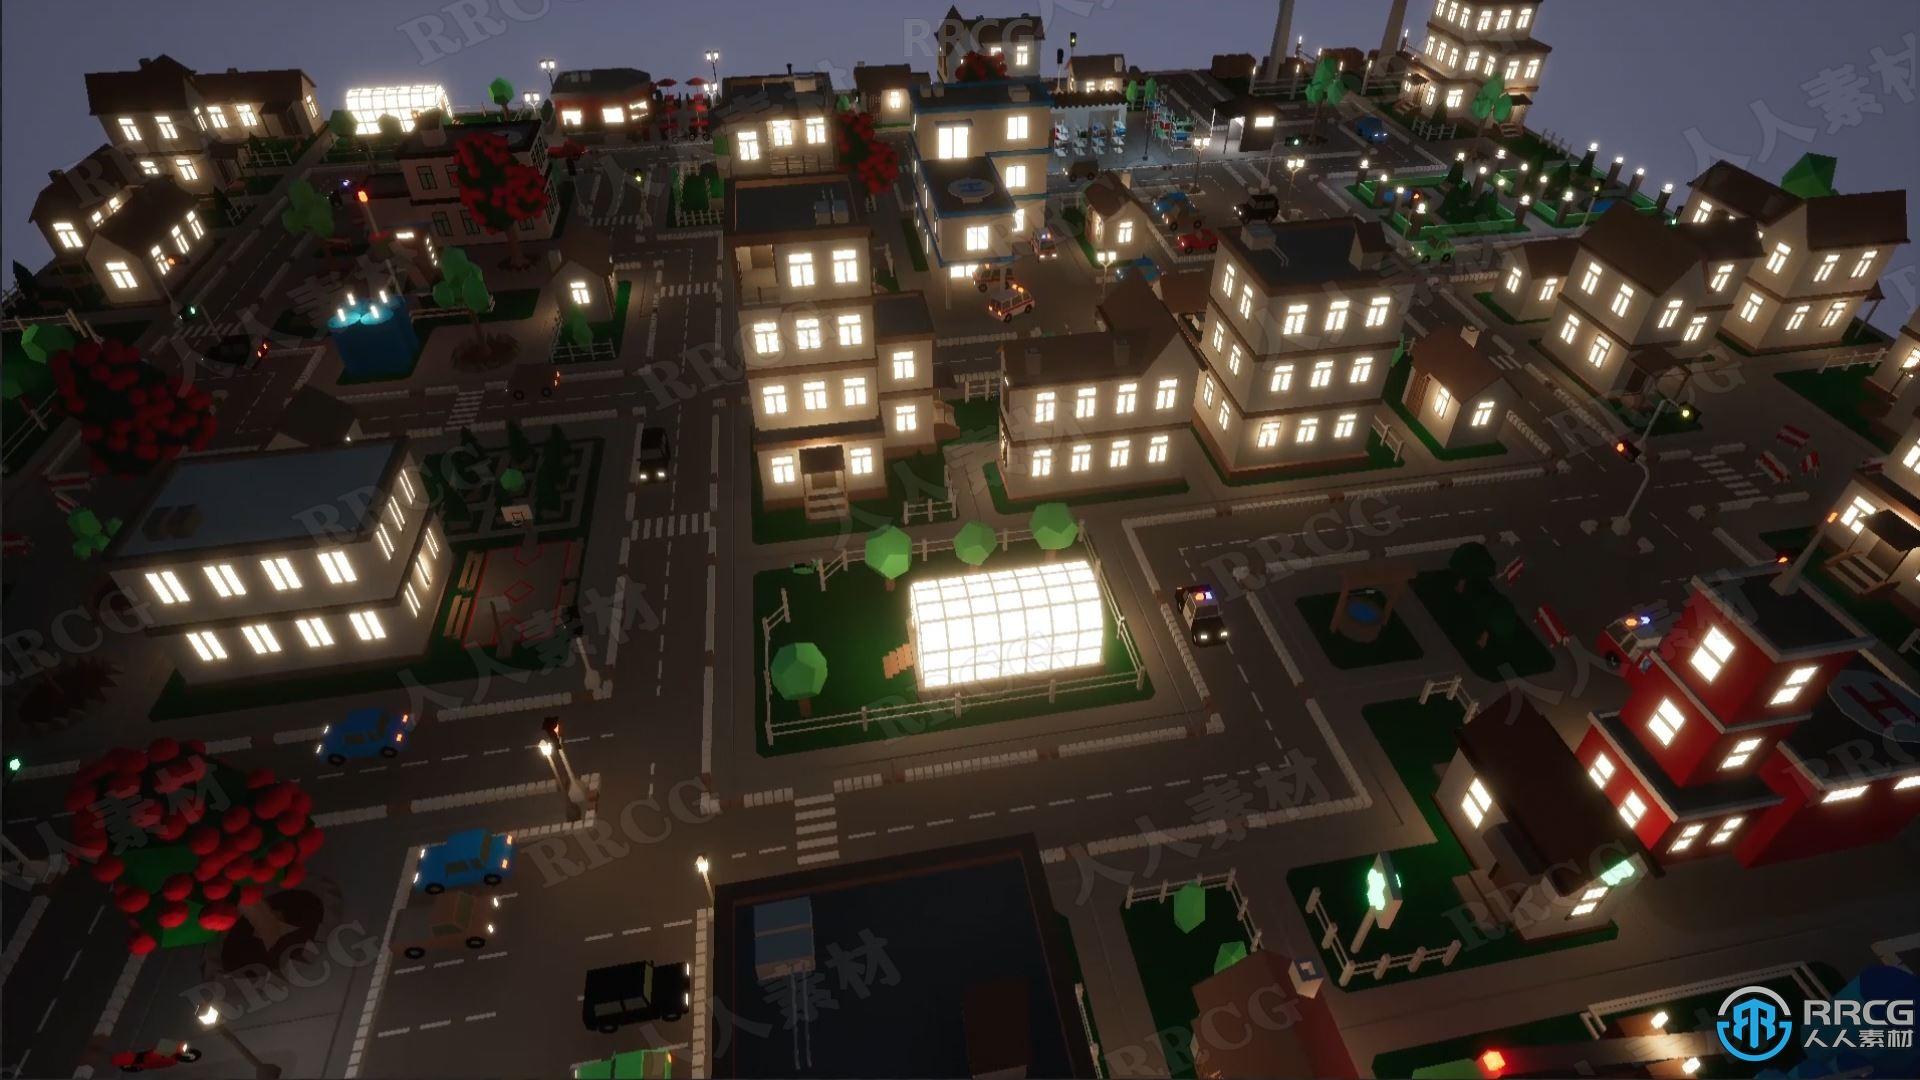 低聚城市现代建筑场景Unreal Engine游戏素材资源